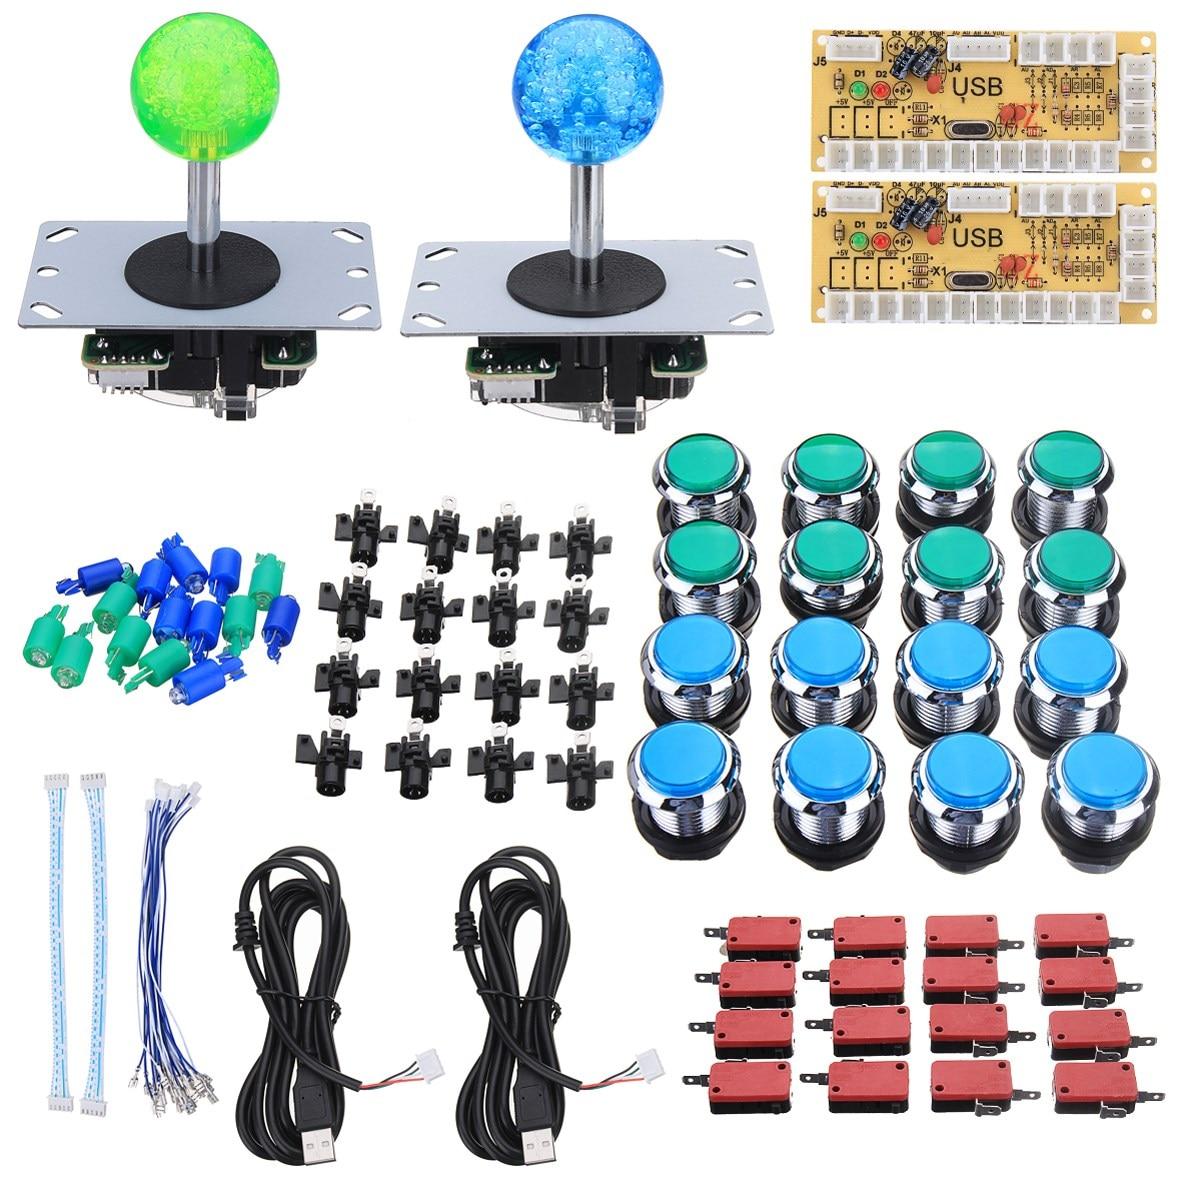 Objetivo 2 Jugadores Juegos De Joystick De Arcade Diy Con 2 Teclado De Retardo Cero + 16 Botones De Empuje Led + 16 Microinterruptor + Cables Joystick Arcade Conjunto